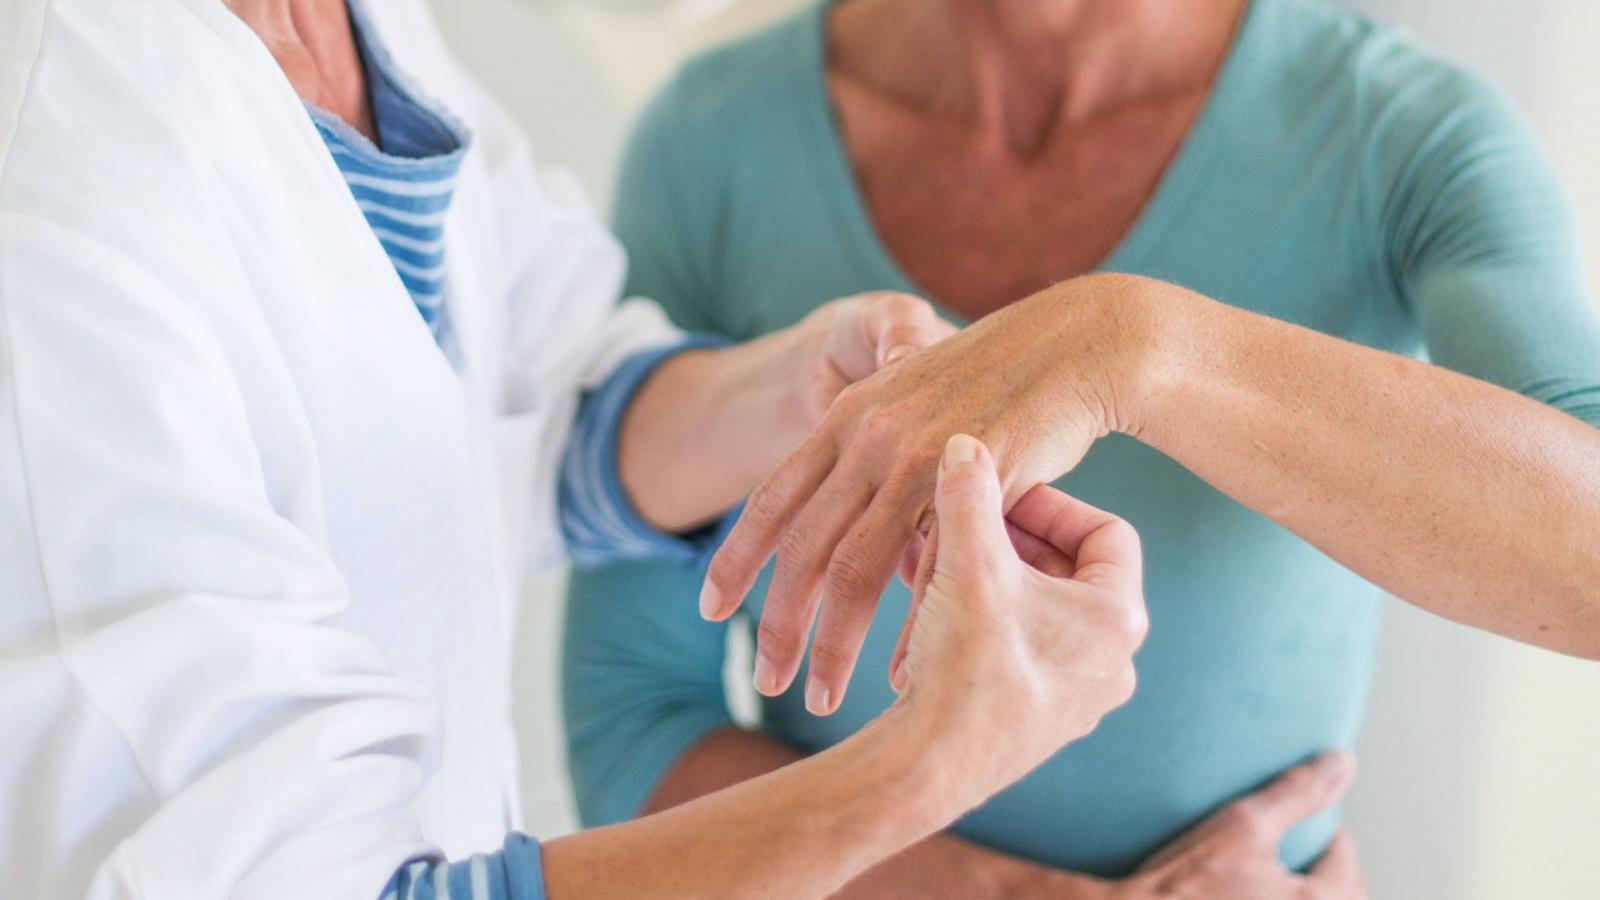 térdfájdalom a kéz ízületeiben az ízületek változnak ha az időjárás változik